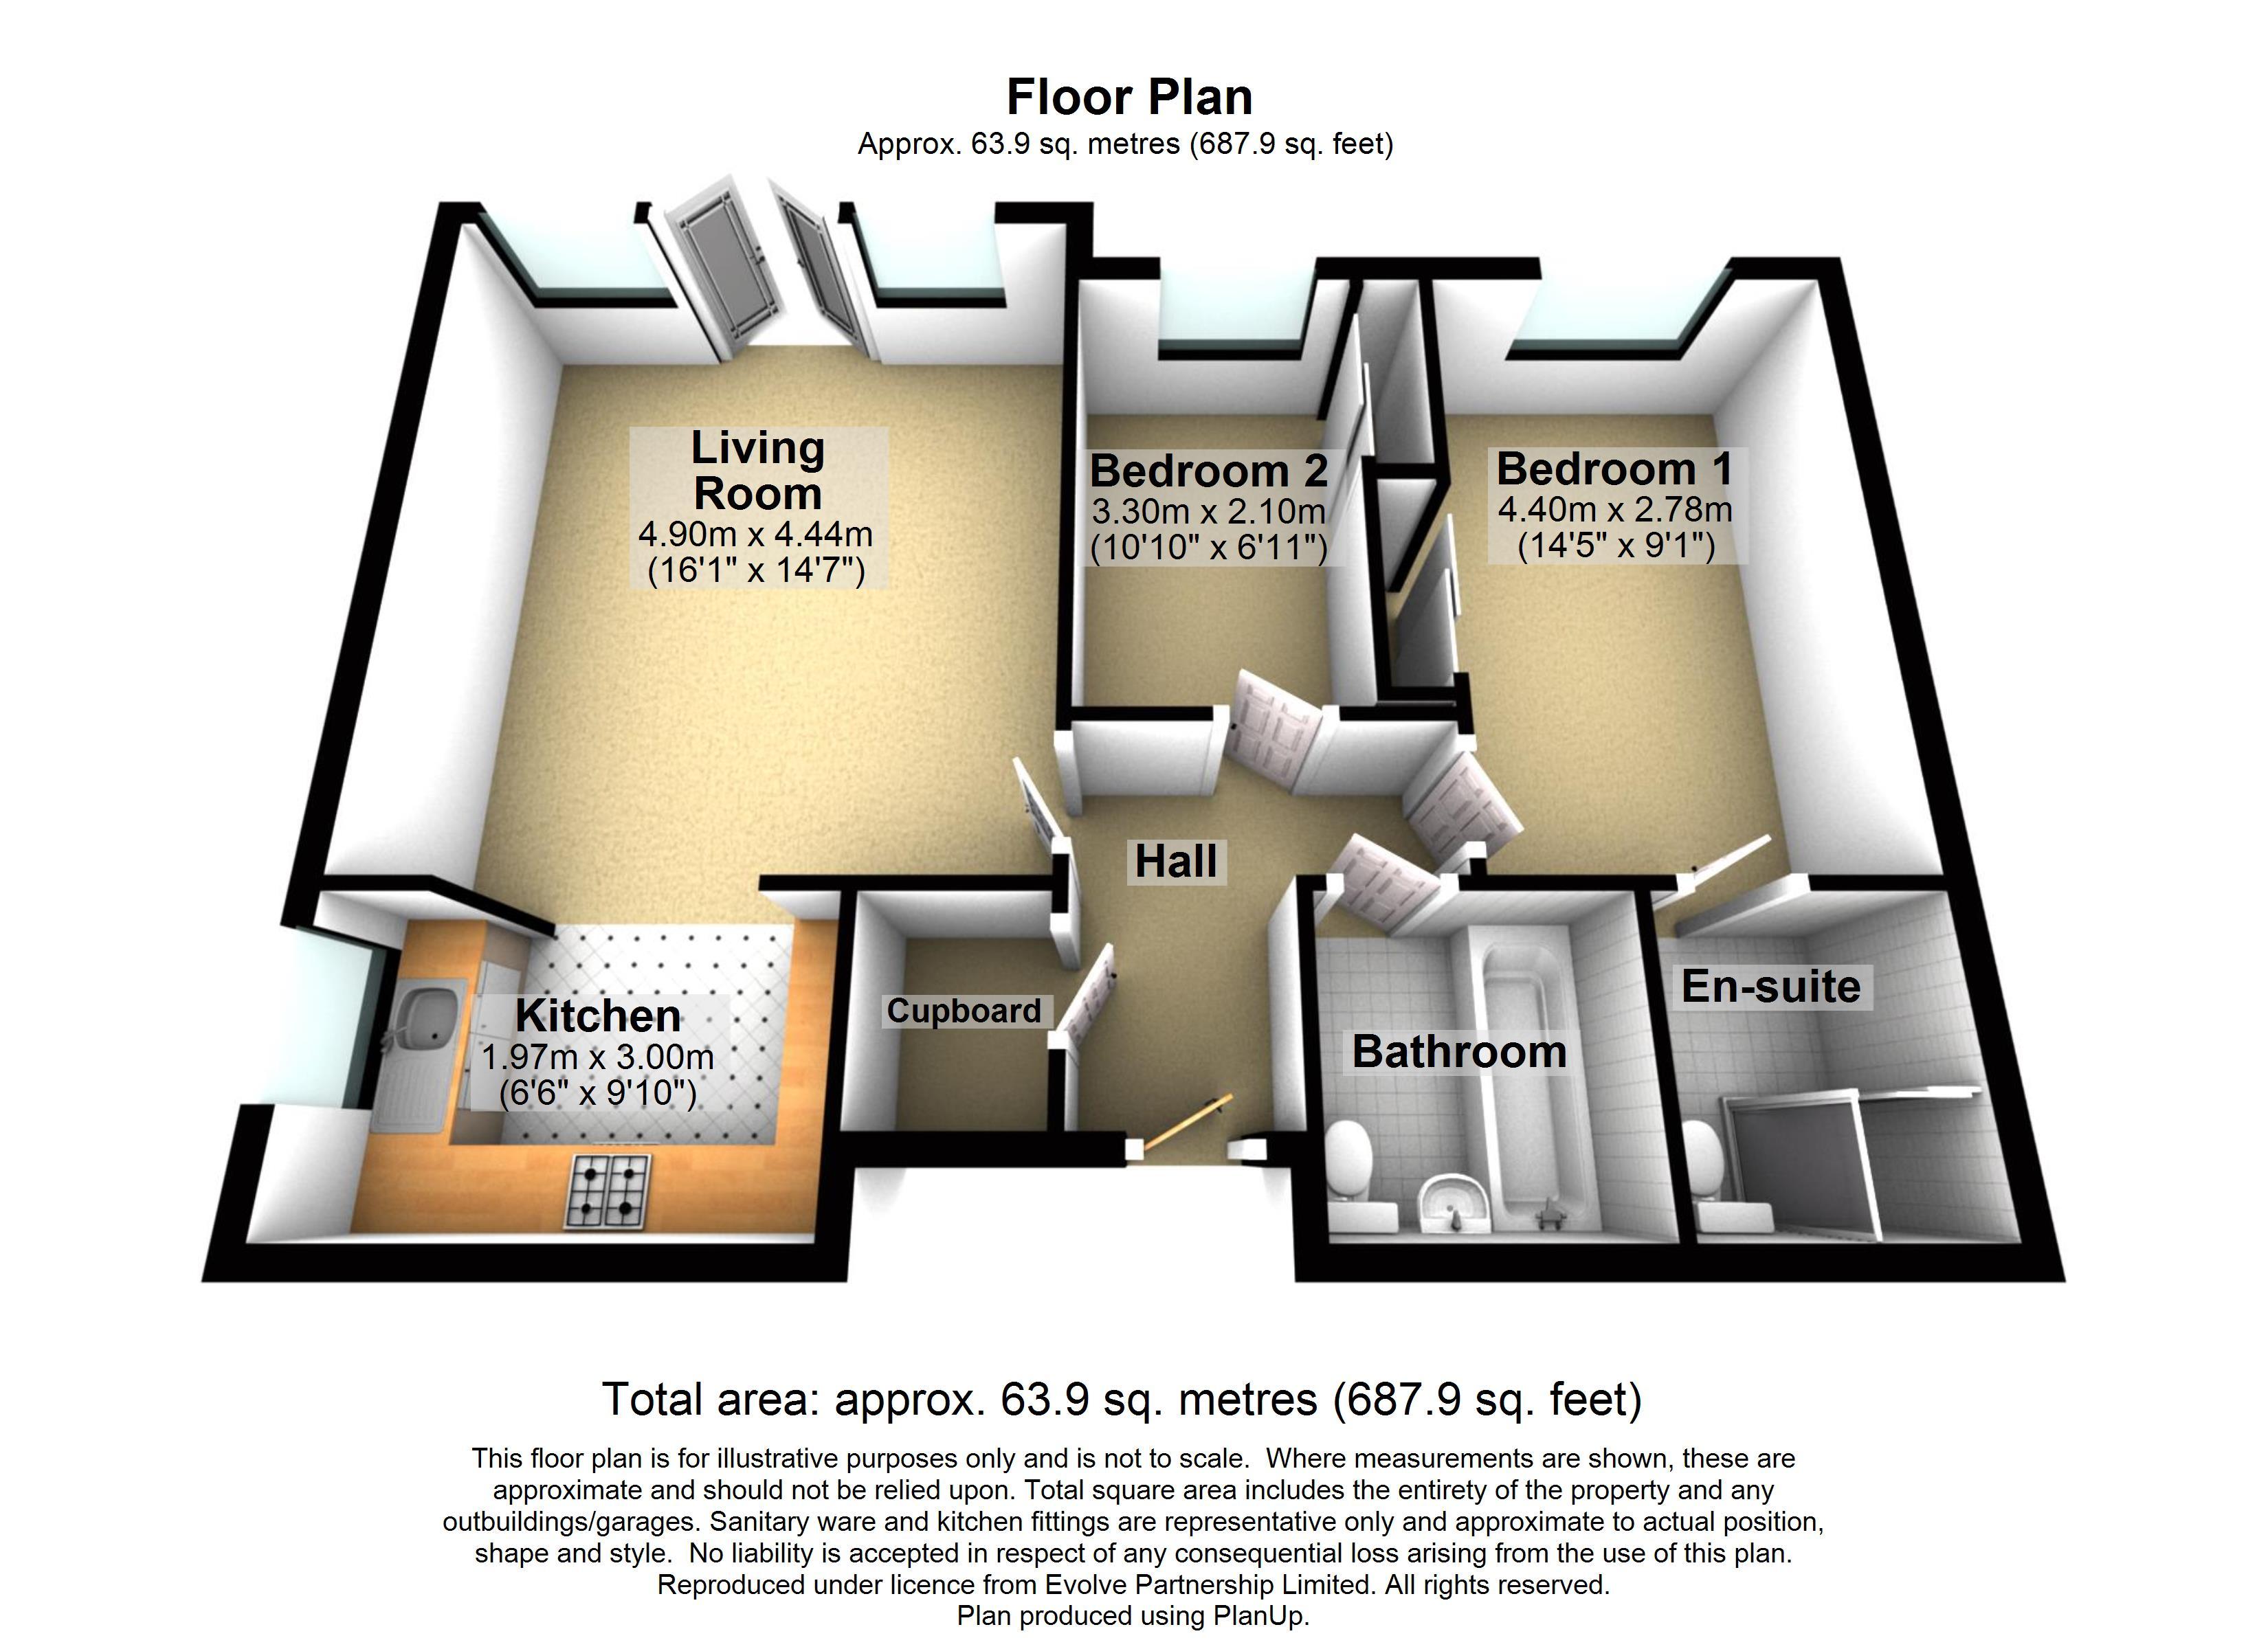 4 Wildwood Court Floorplan